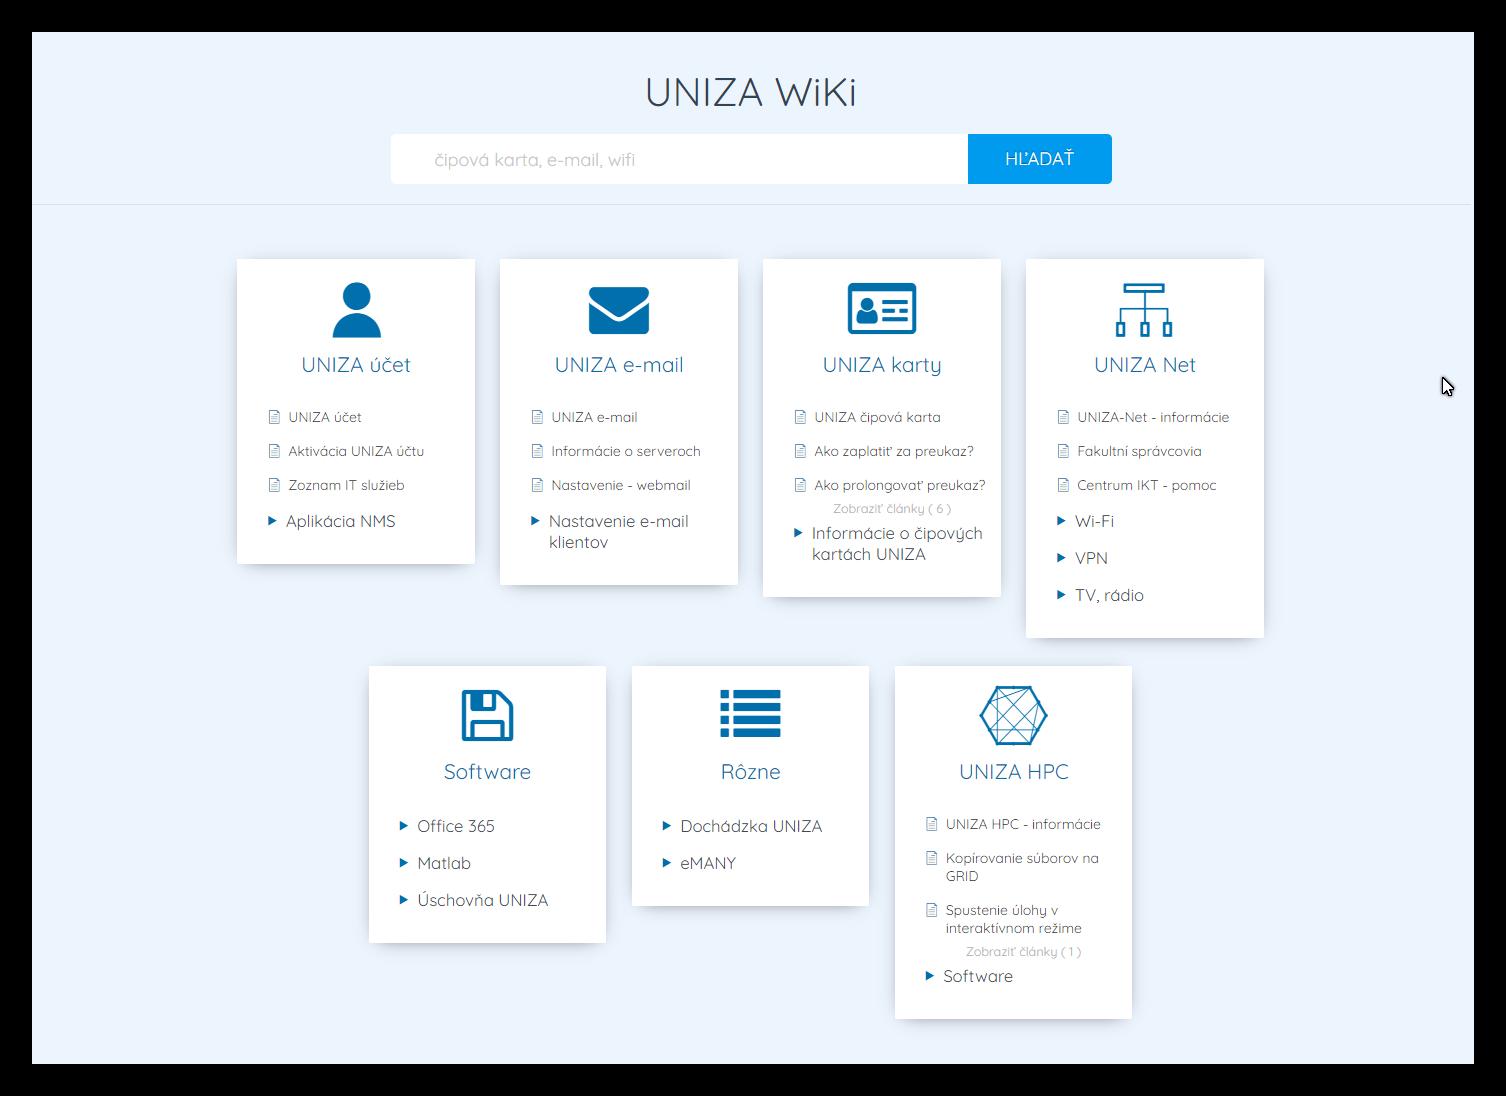 uniza_wiki